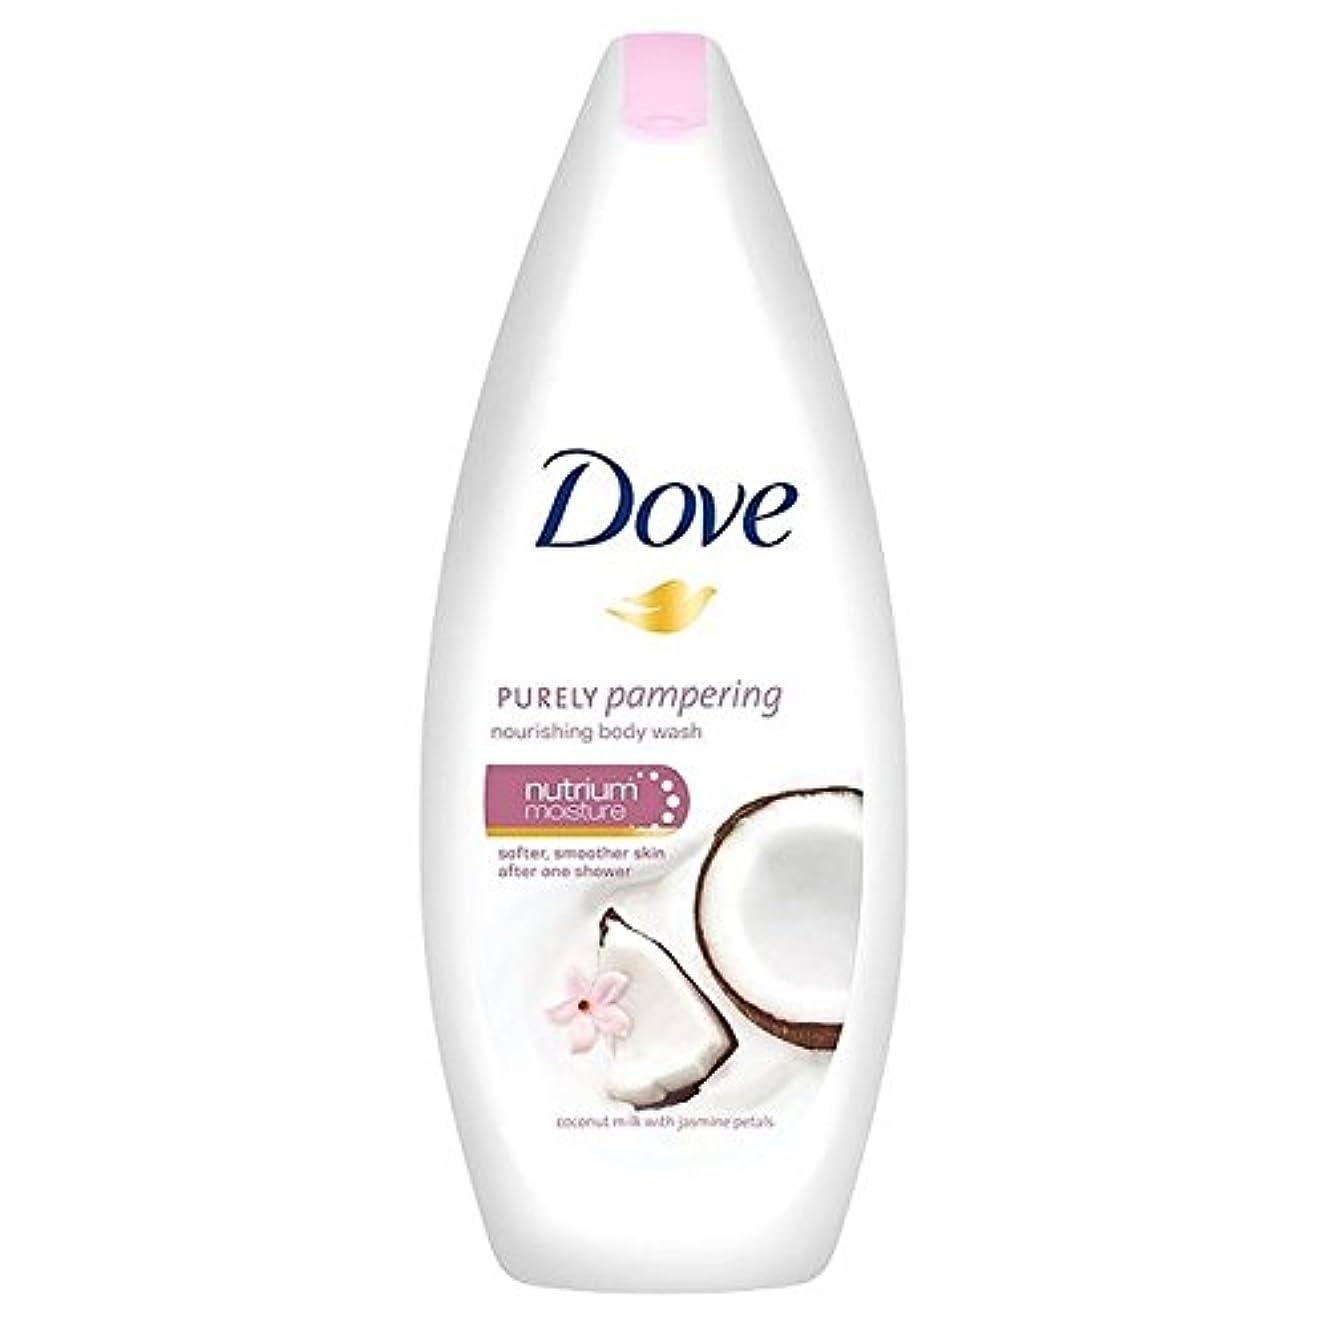 繊維貫通する層鳩純粋に甘やかすココナッツボディウォッシュ250ミリリットル x4 - Dove Purely Pampering Coconut Body Wash 250ml (Pack of 4) [並行輸入品]